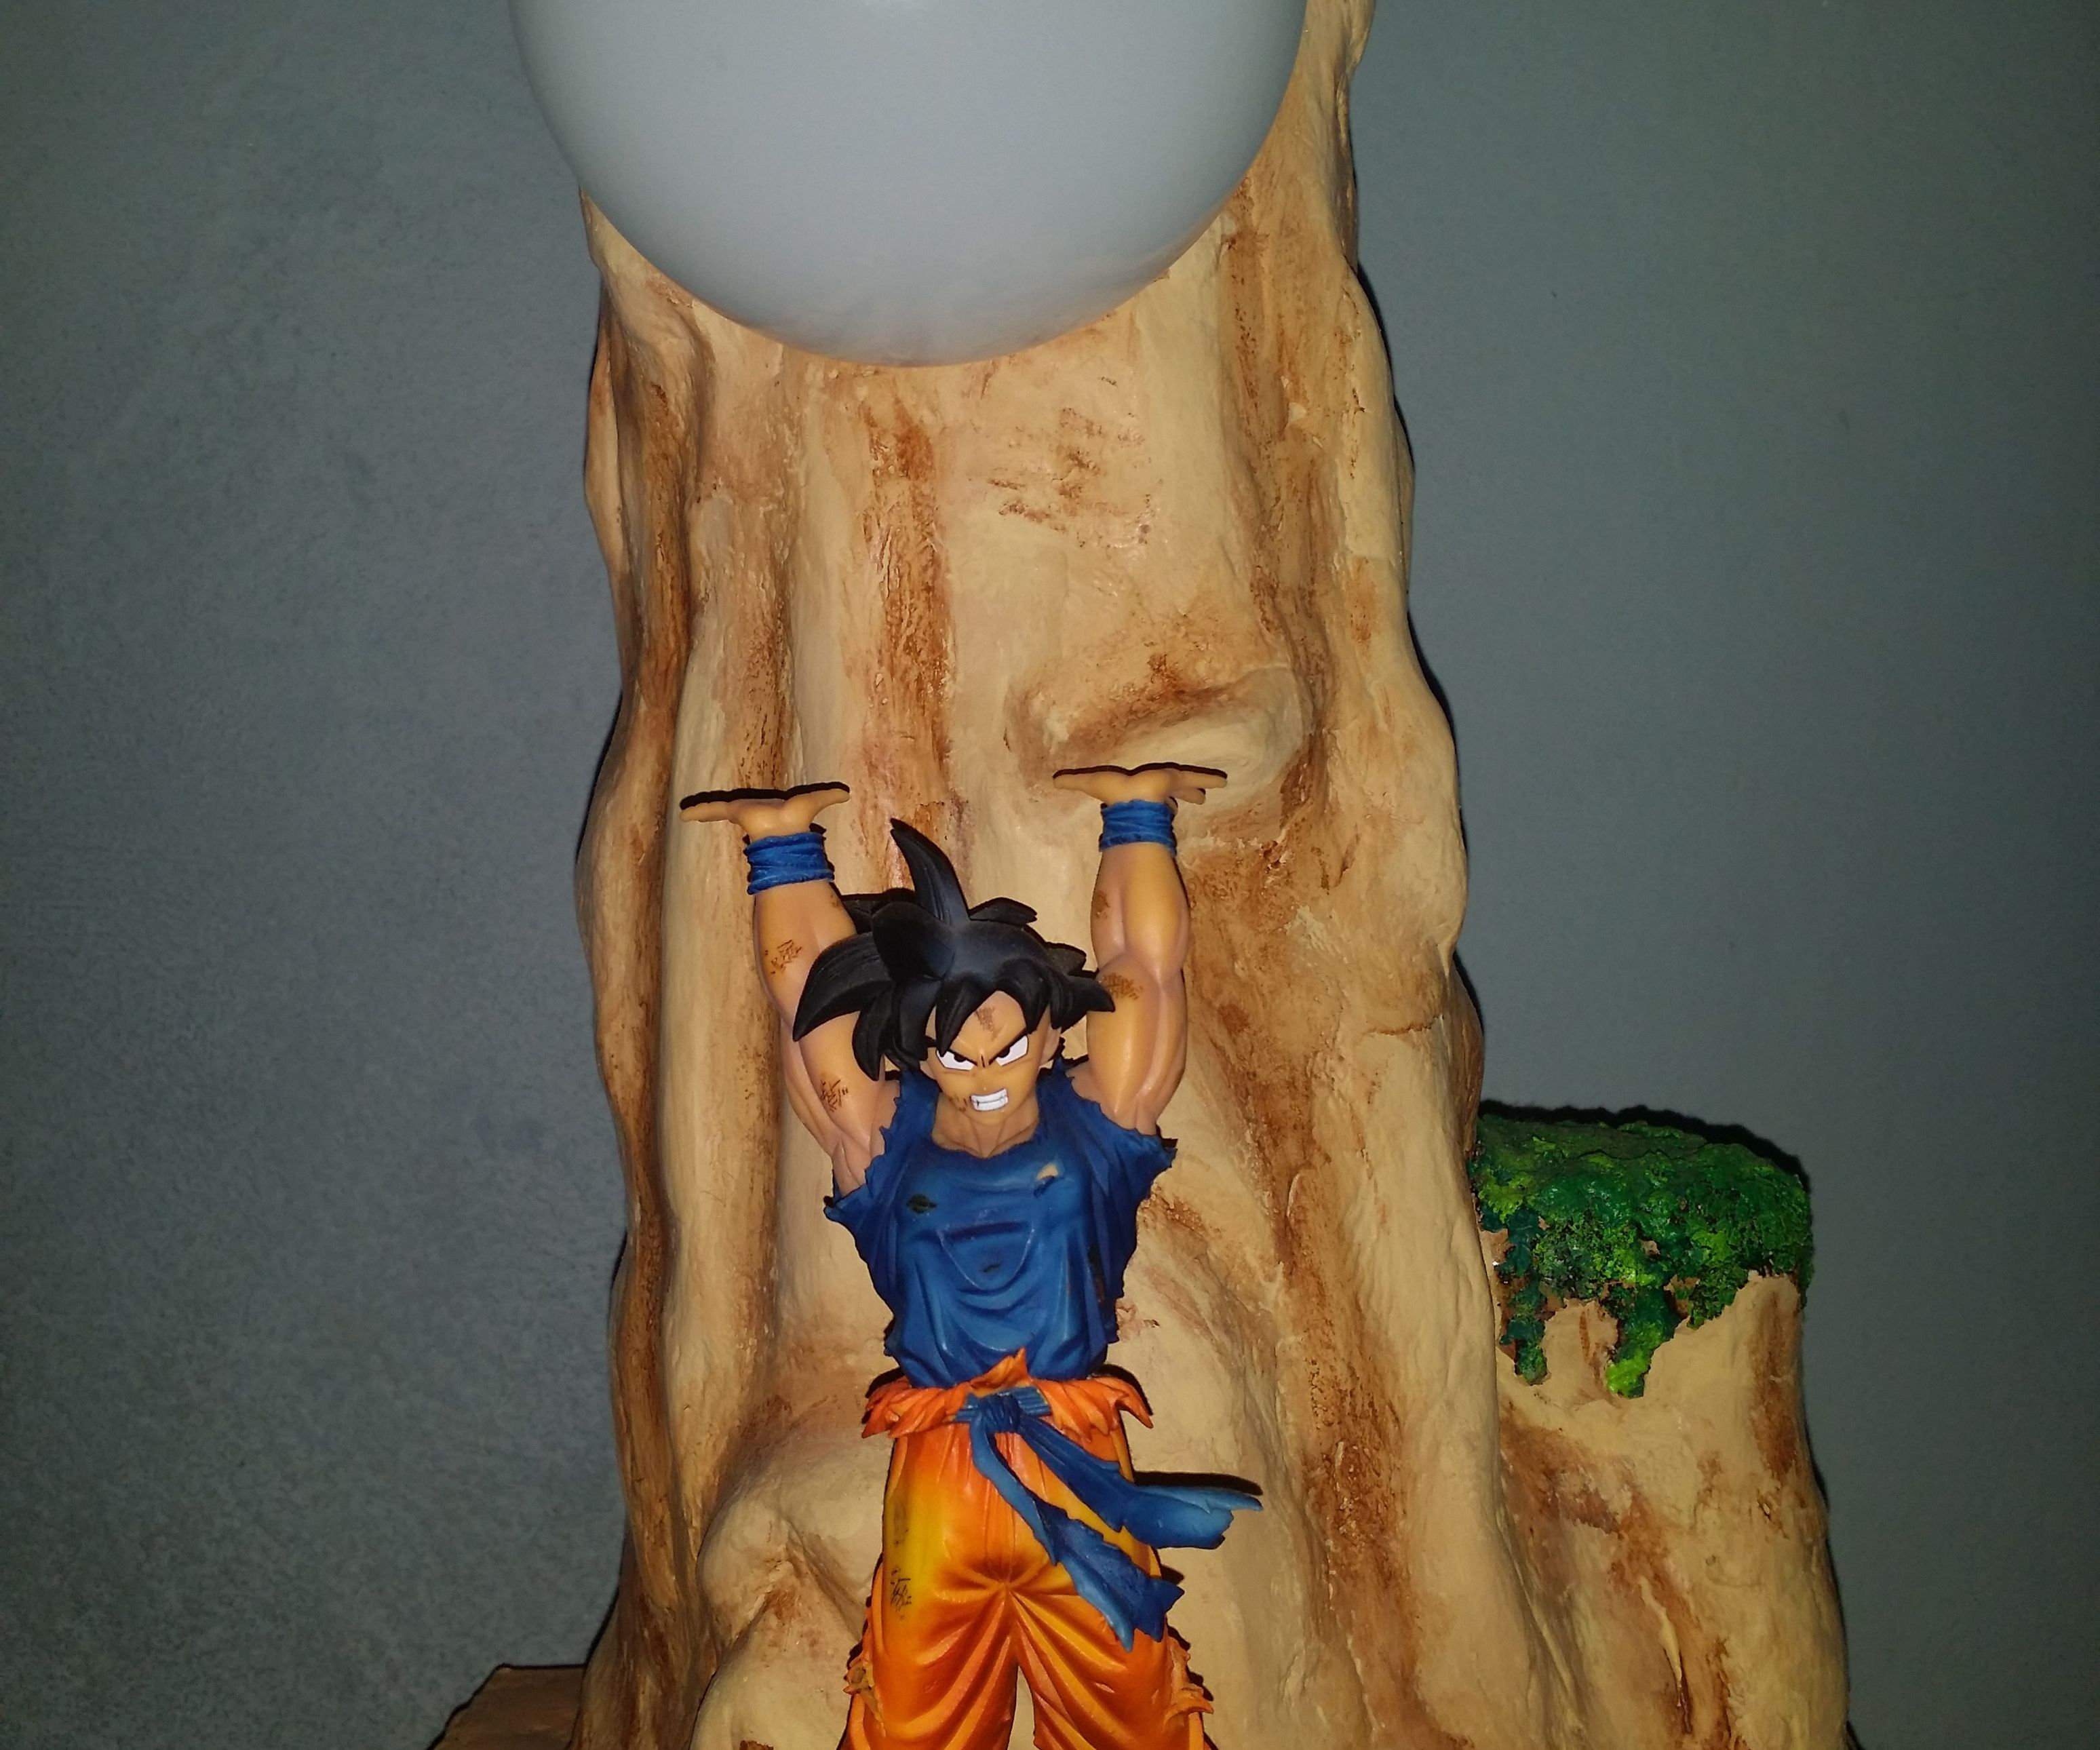 Dragon Ball Z lamp